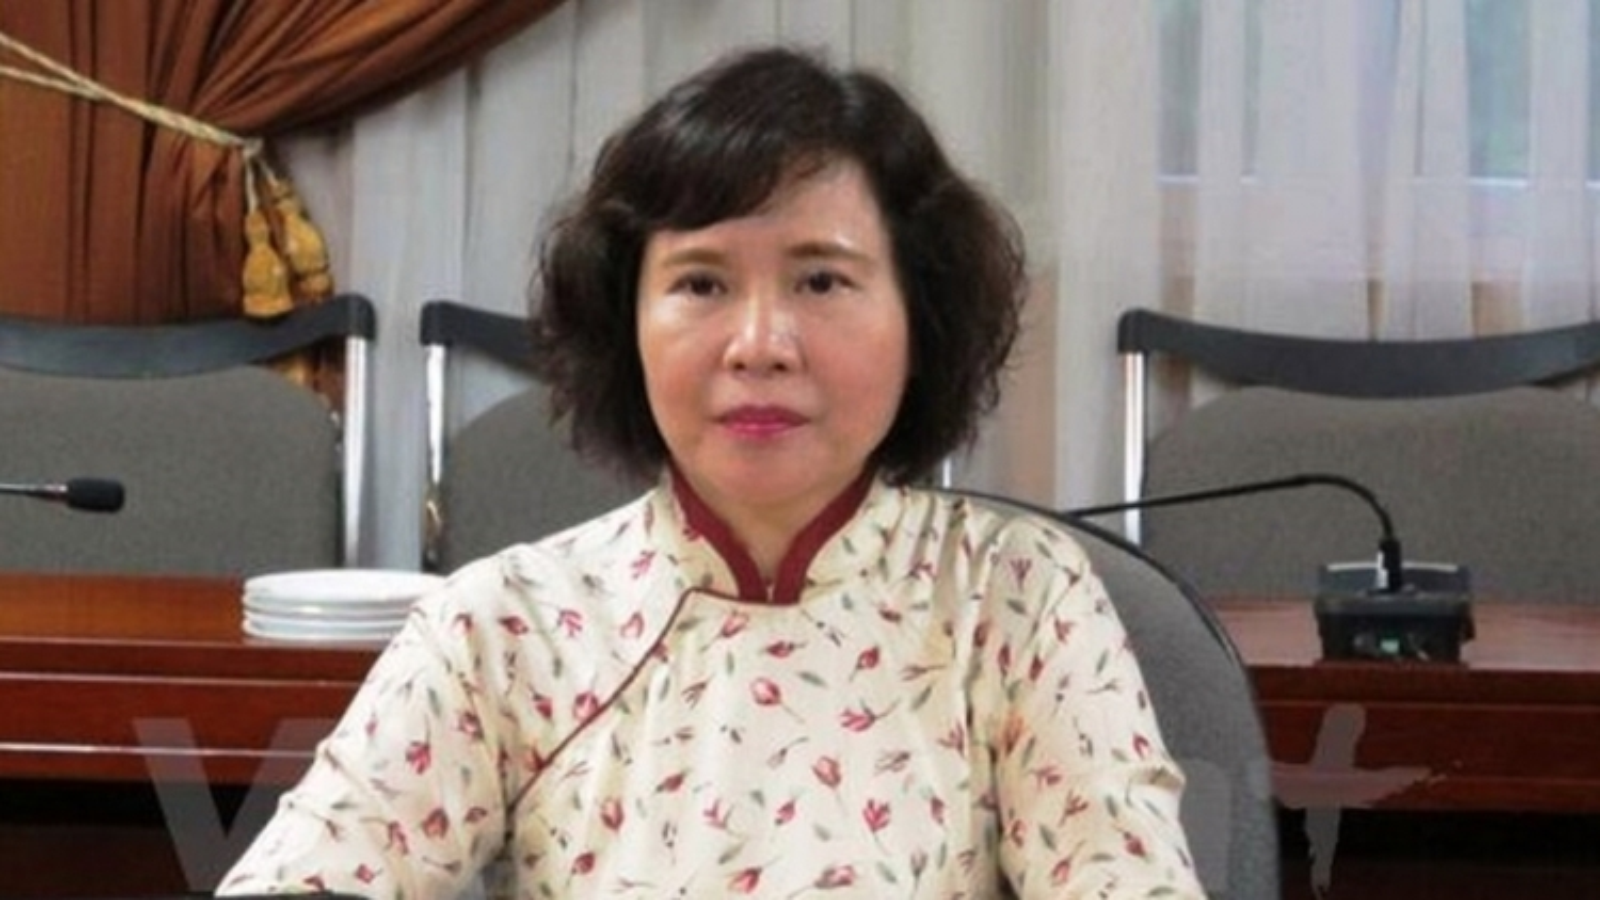 Nóng 24h: Cựu Thứ trưởng Bộ Công thương Hồ Thị Kim Thoa đã bỏ trốn